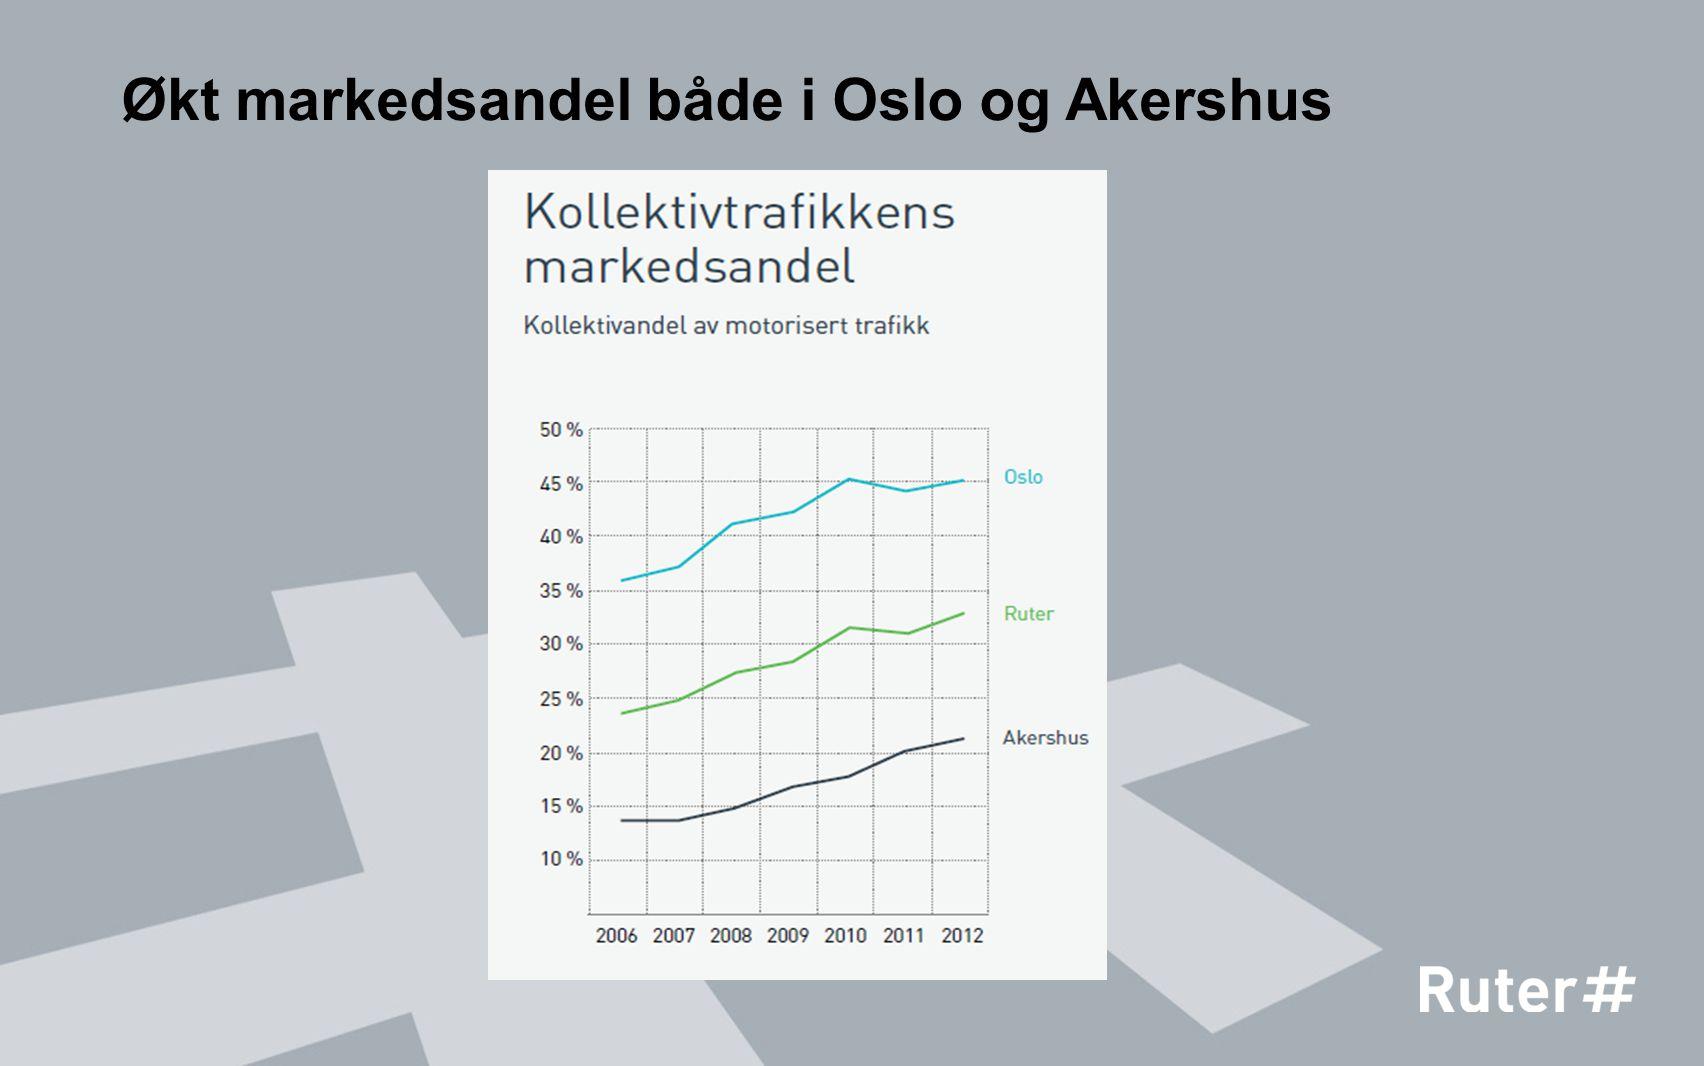 Økt markedsandel både i Oslo og Akershus